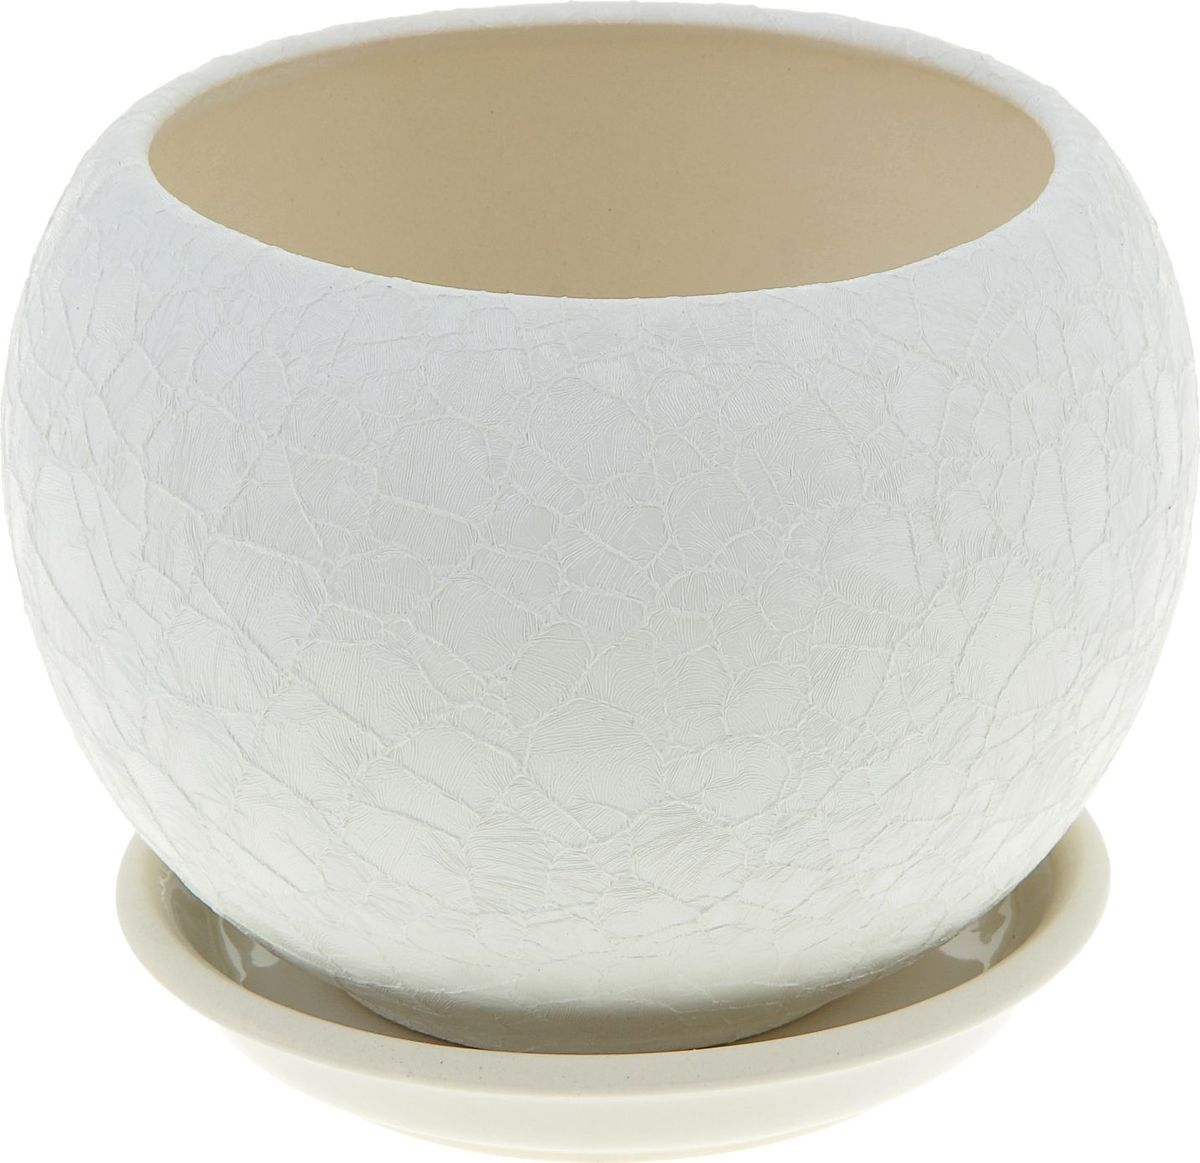 Кашпо Керамика ручной работы Шар, цвет: белый, 1,4 л835700Комнатные растения - всеобщие любимцы. Они радуют глаз, насыщают помещение кислородом и украшают пространство. Каждому из них необходим свой удобный и красивый дом.Кашпо из керамики прекрасно подходит для высадки растений:за счёт пластичности глины и разных способов обработки существует великое множество форм и дизайнов; пористый материал позволяет испаряться лишней влаге; воздух, необходимый для дыхания корней, проникает сквозь керамические стенки.Кашпо для цветов освежит интерьер и подчеркнёт его стиль.